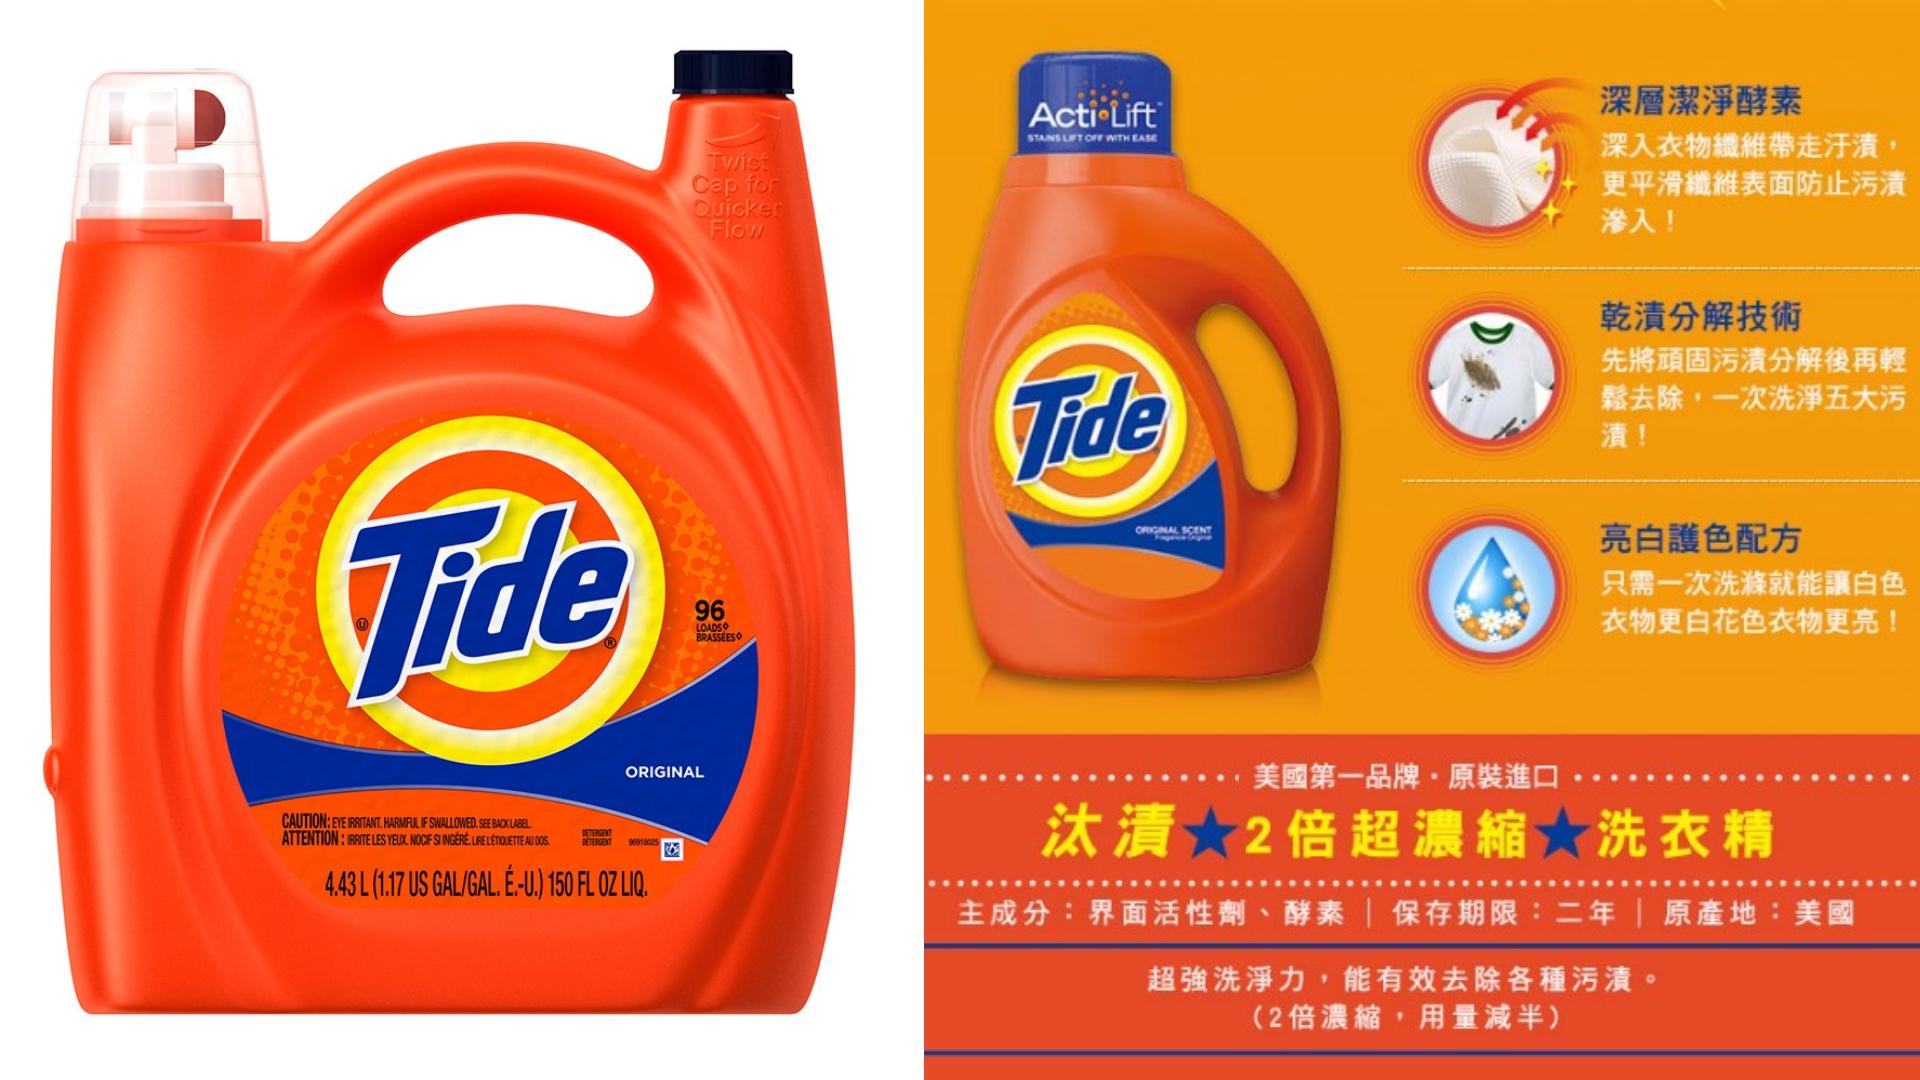 裡面含有深層潔淨酵素,可以分解衣物的髒污,茶、咖啡、泥土、口紅沾染全都難不倒它!